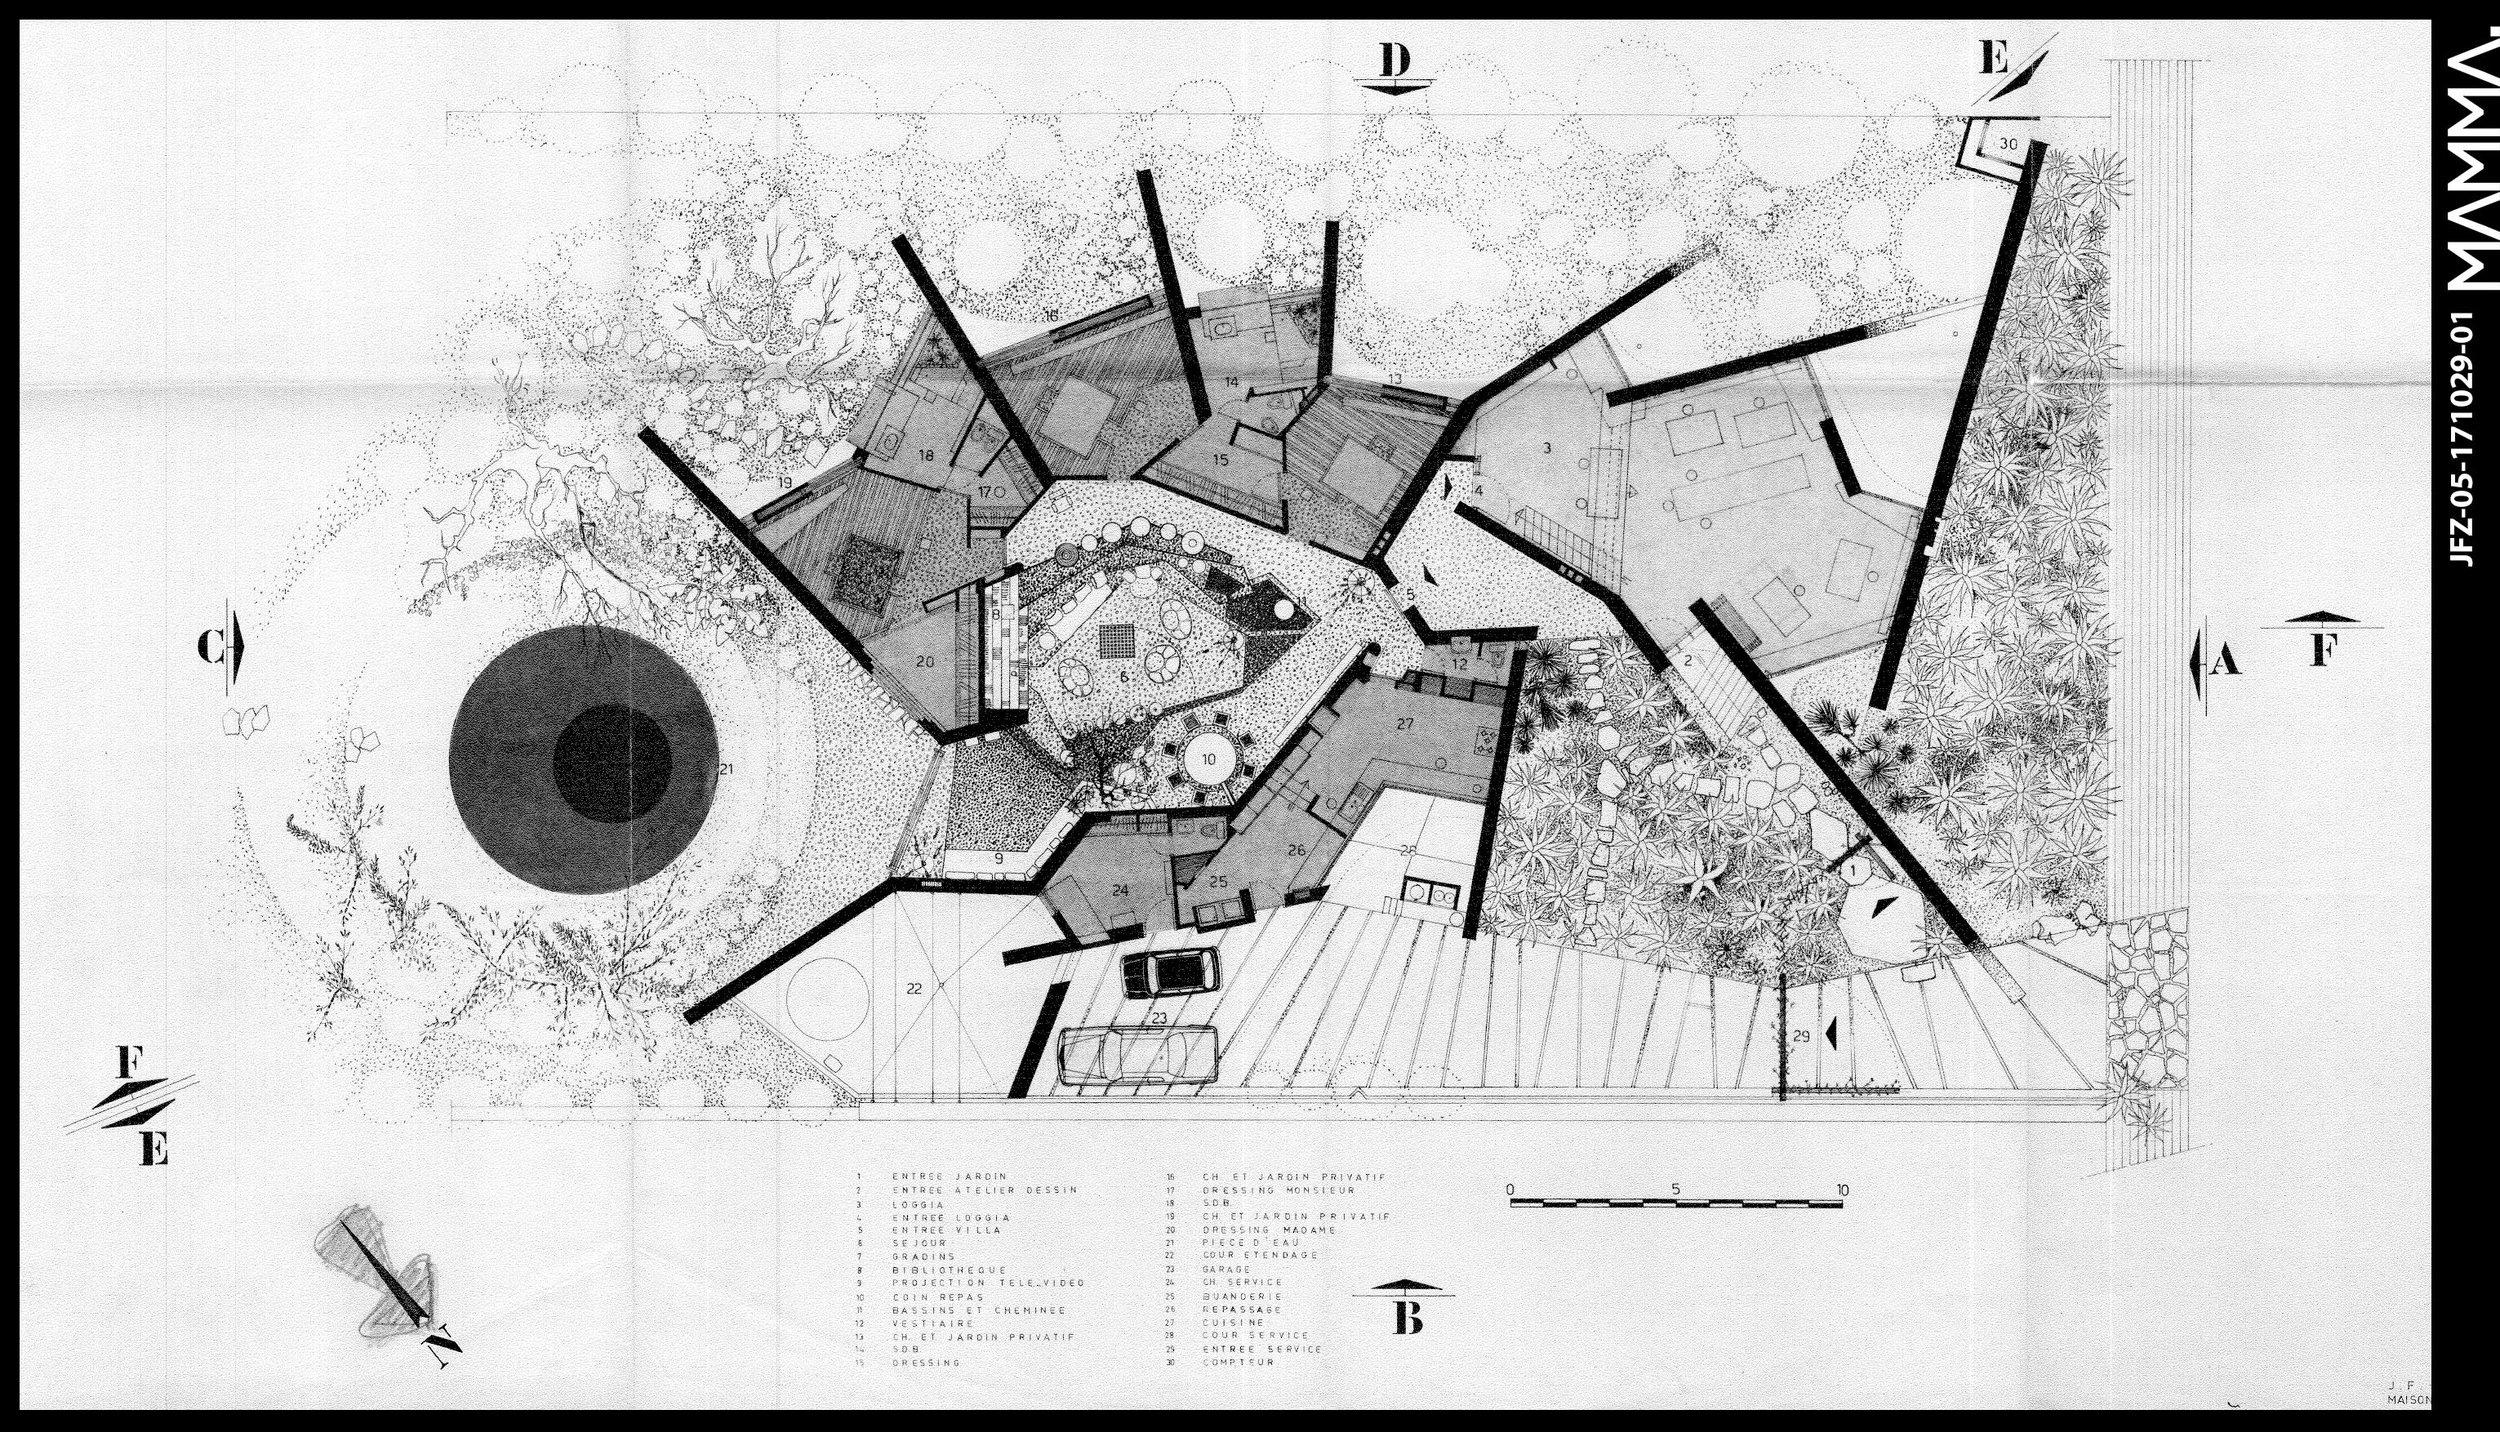 1975-Villa et Atelier de Jean François Zevaco   Agence: Jean François Zevaco  Contenu: Plan  Dimensions: 84,6 x 42 cm  © MAMMAARCHIVE - Donation de M. El Arrouchi   Réf: MAMMA-JFZ-05-171029-01